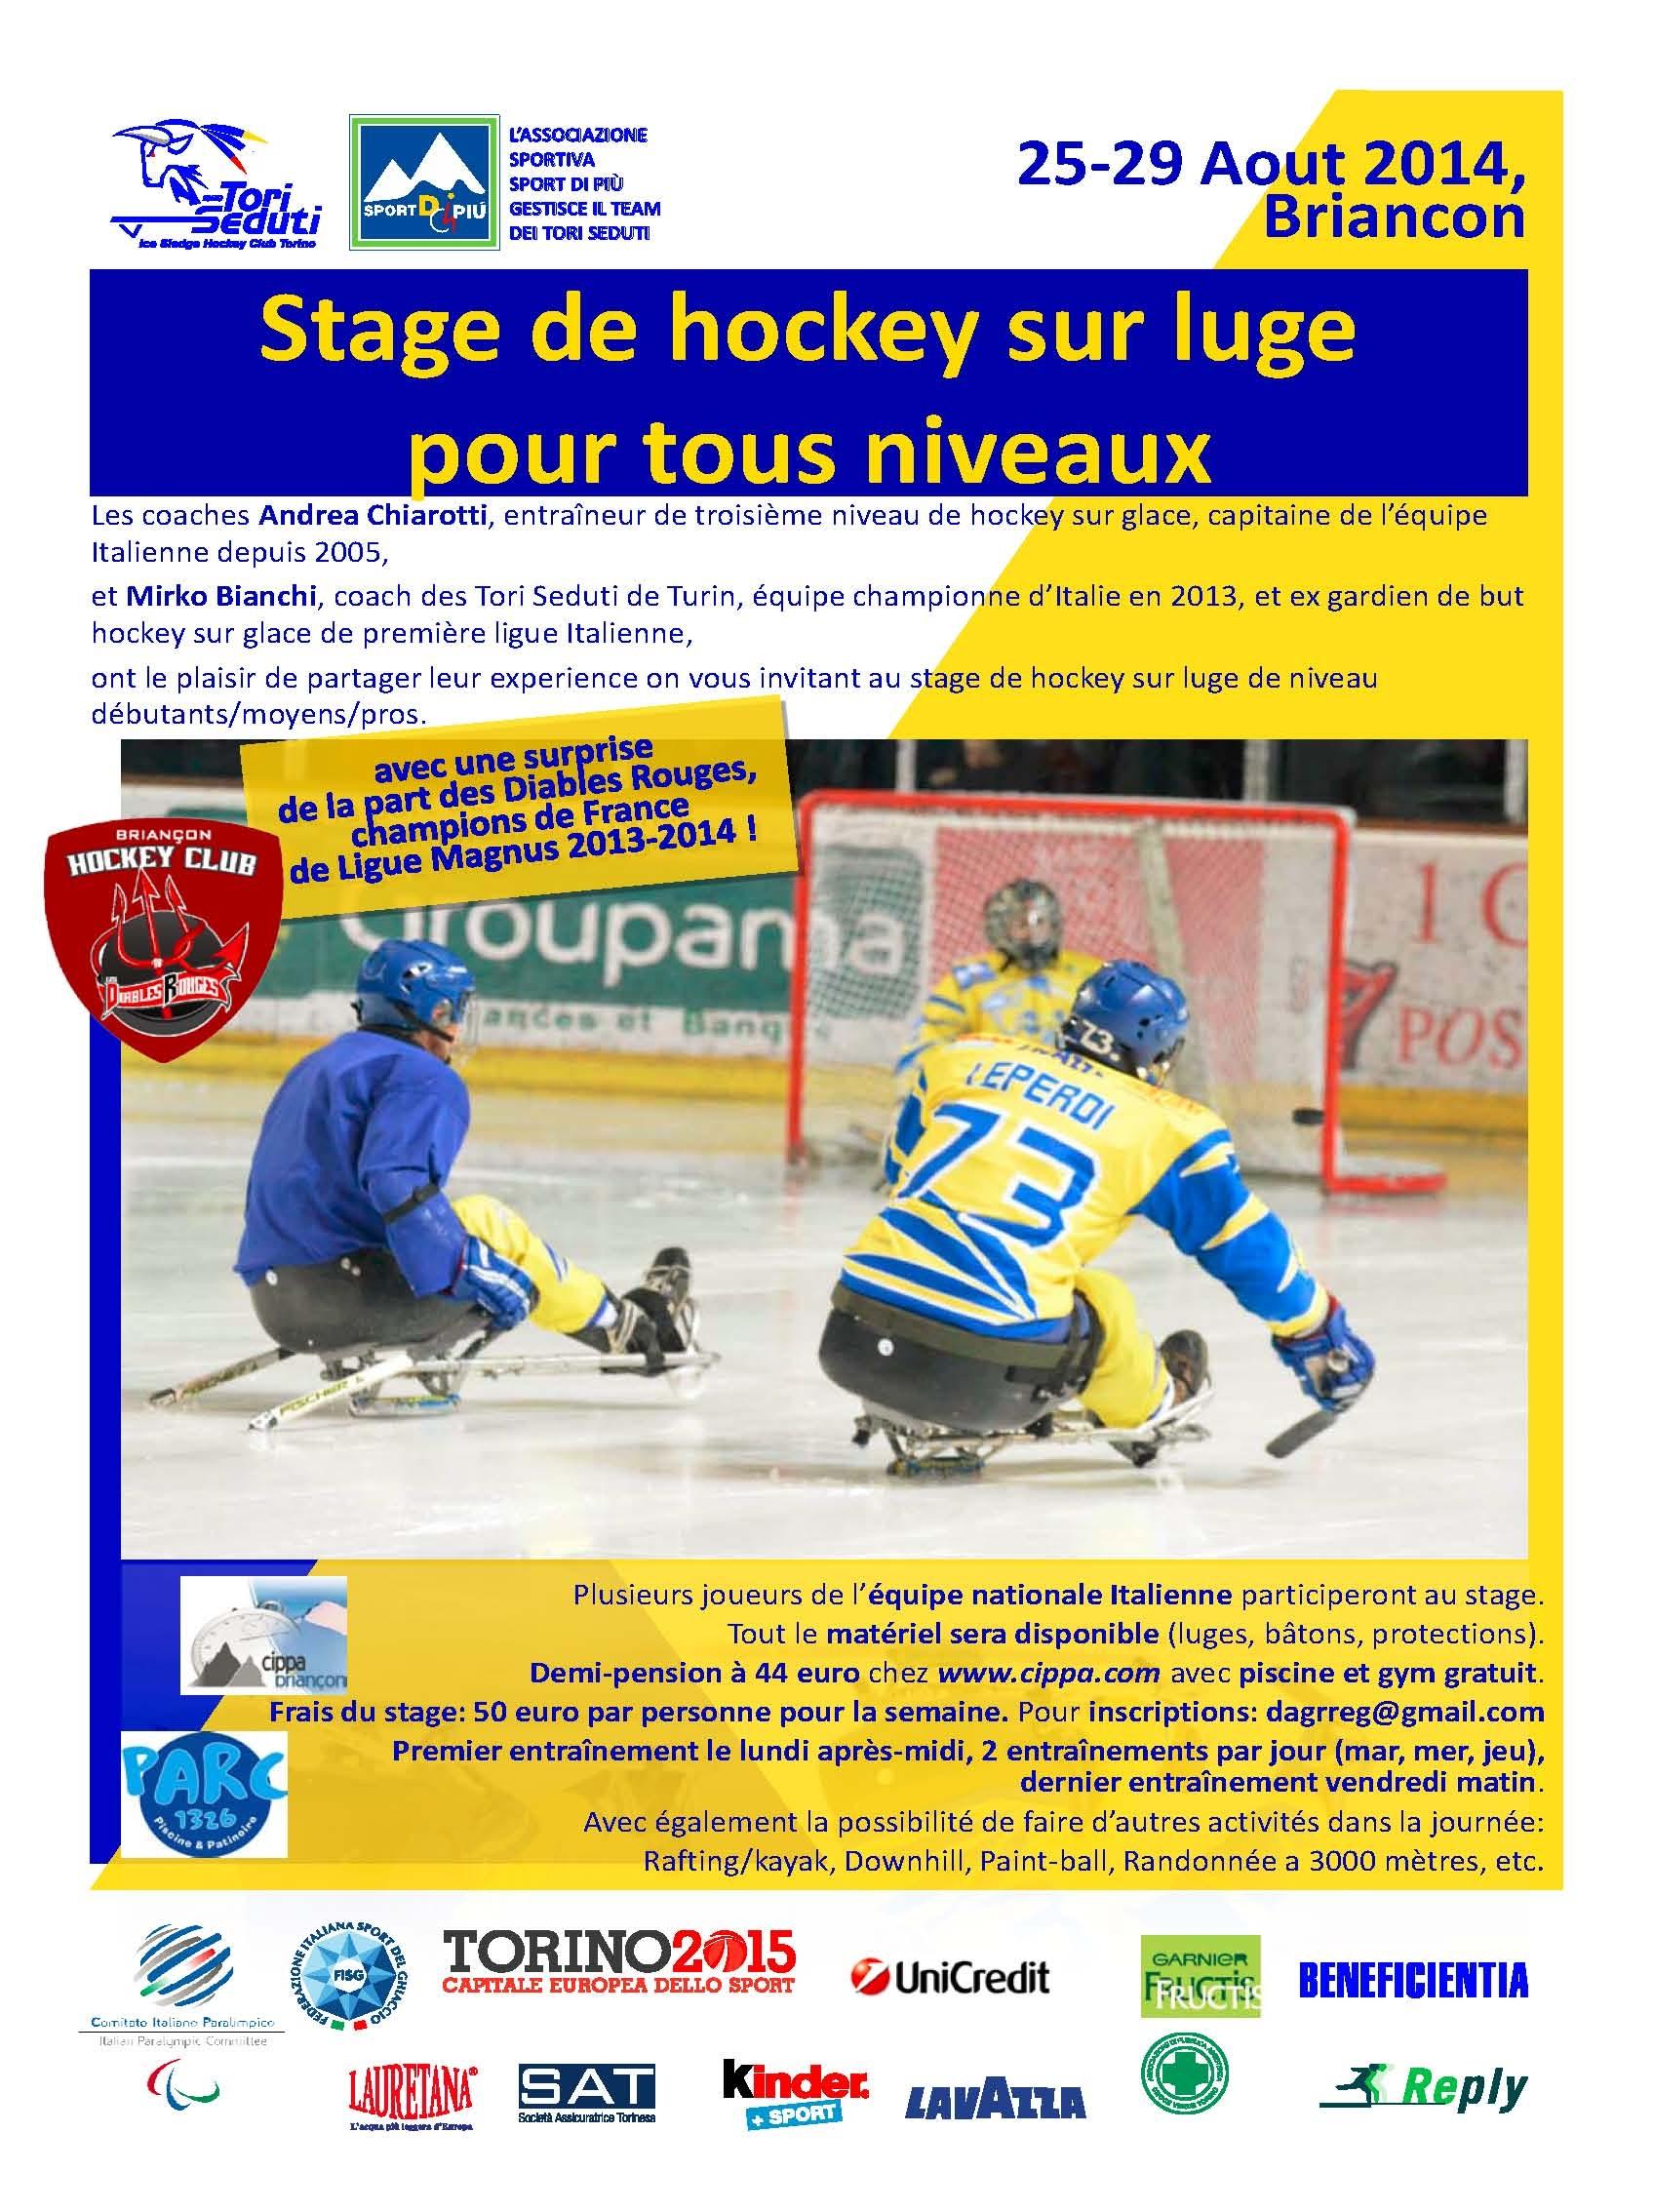 foto x notizia torneo hockey